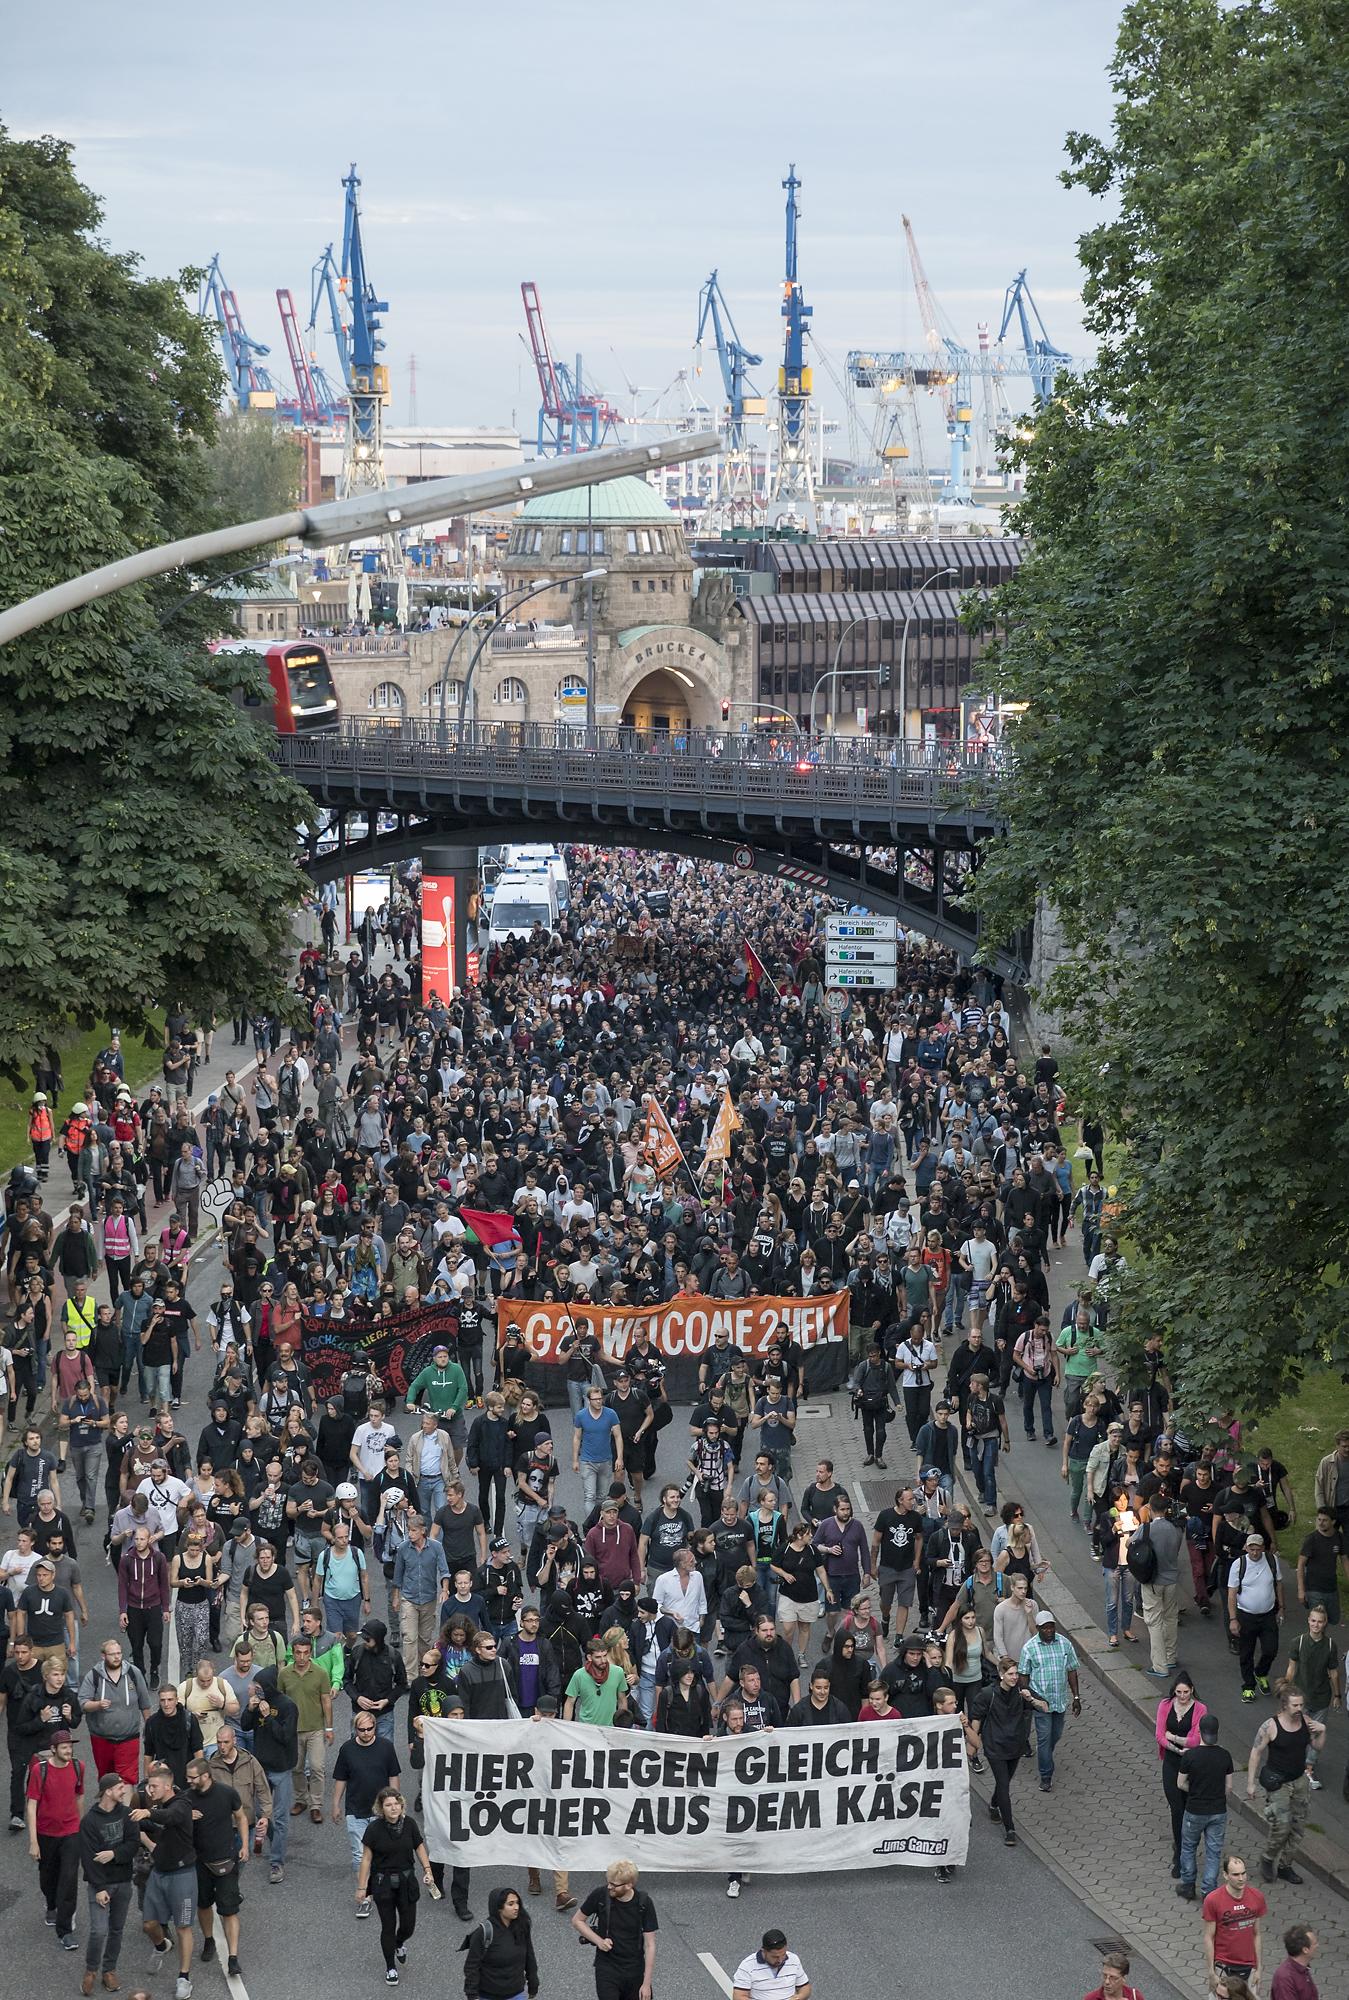 """Demonstranten ziehen am 06/07/2017 am Fischmarkt in Hamburg mit einem zweiten Versuch einer Demonstration unter dem Titel """"Welcome to Hell"""" von den Landungsbrücken Richtung Reeperbahn, während im Hintergrund der Hafen zu sehen ist. Foto Florian Schuh"""